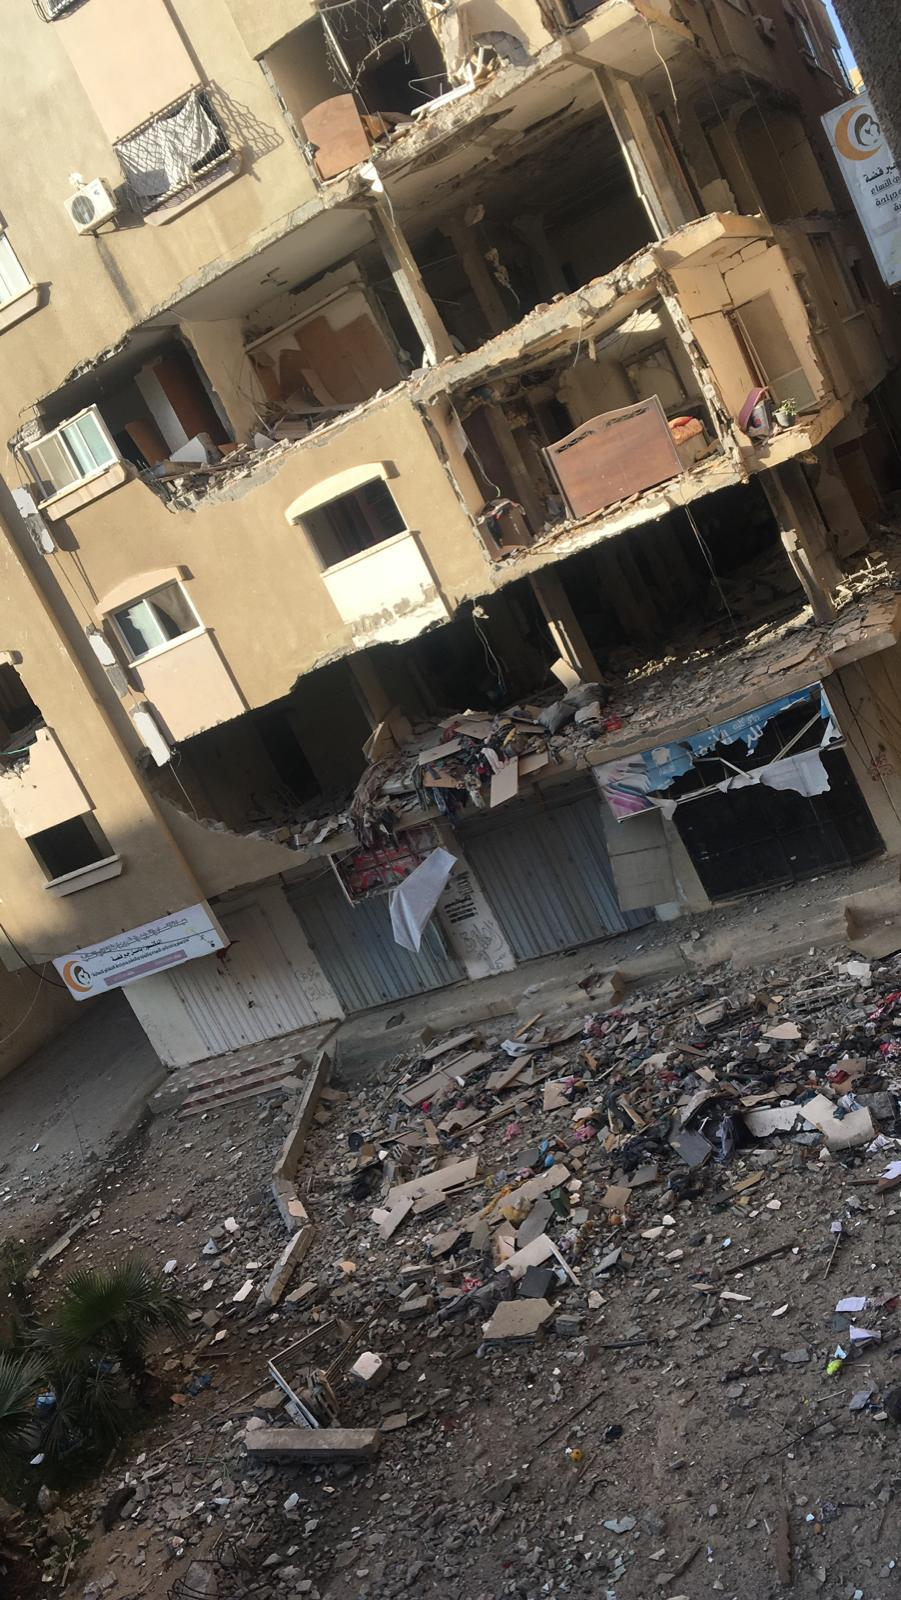 استهداف بناية الروضة غرب غزة من قبل الطيران الحربي الإسرائيلي